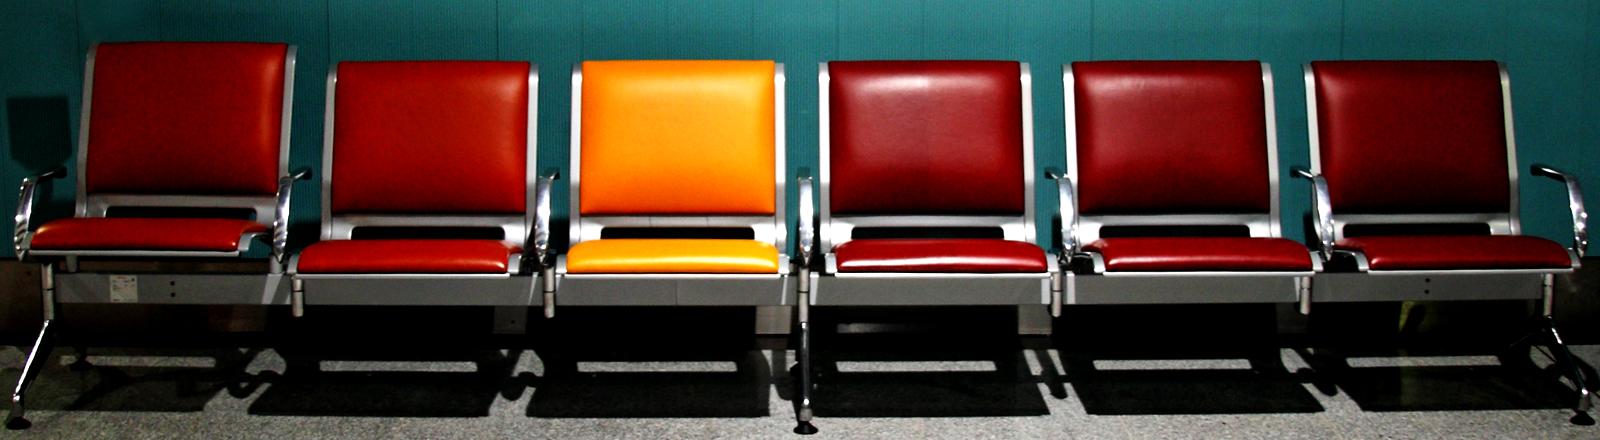 Eine Reihe roter Stühle, dazwischen ein oranger